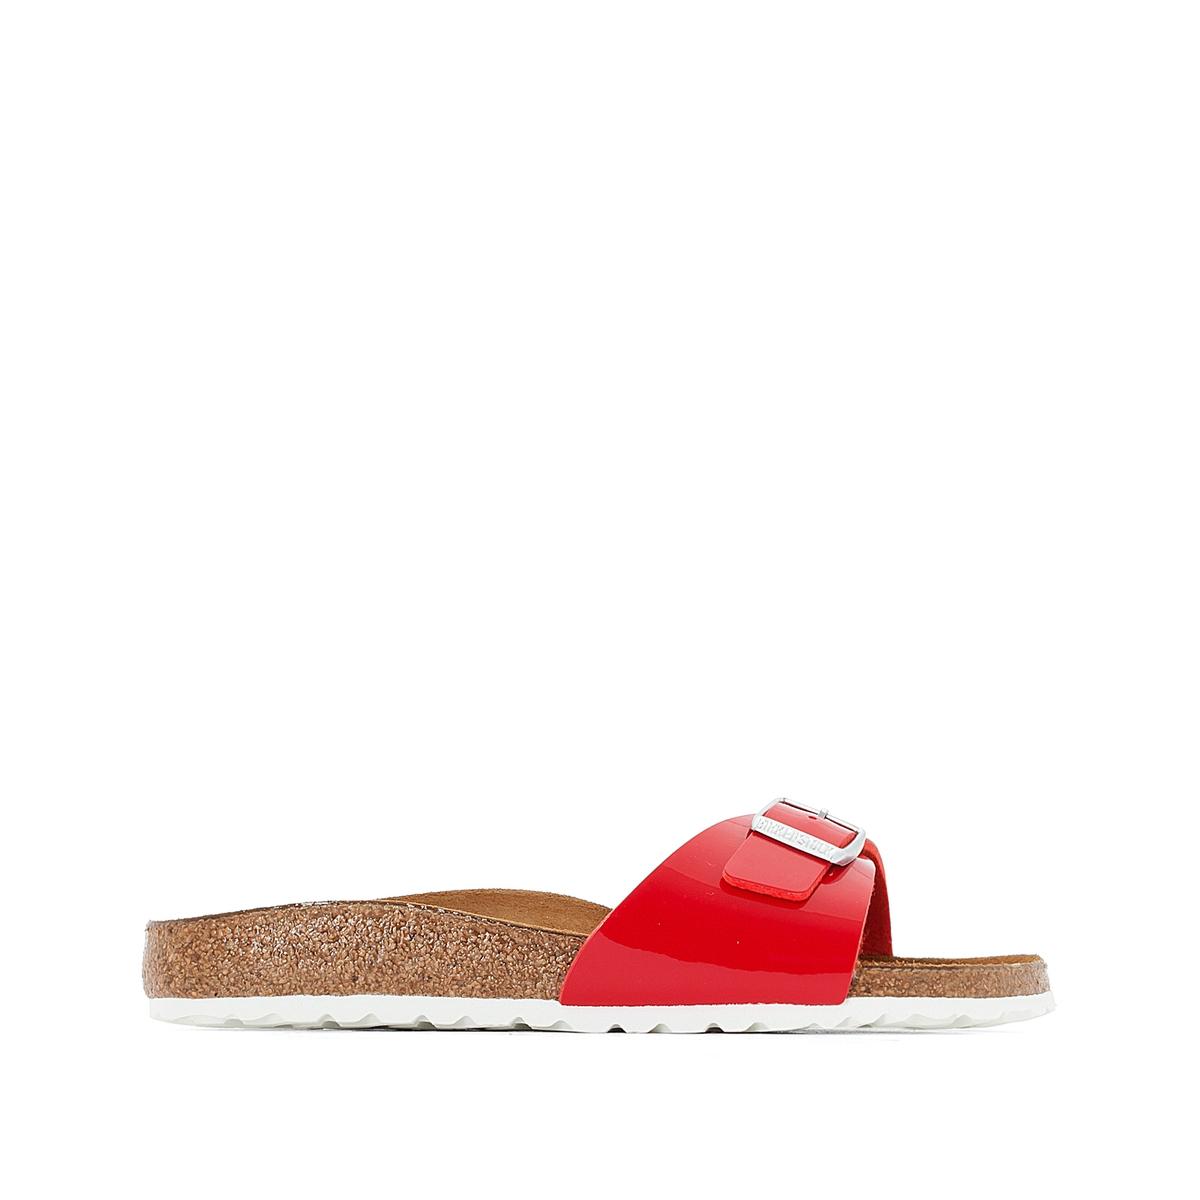 Туфли без задника синтетическиеОписание:Детали   •  Вьетнамки •  Застежка : без застежки •  Открытый мысокСостав и уход   •  Верх 100% синтетический материал •  Подкладка 100% текстиль •  Стелька 100% кожа •  Подошва 100% ЭВА<br><br>Цвет: красный лак<br>Размер: 37